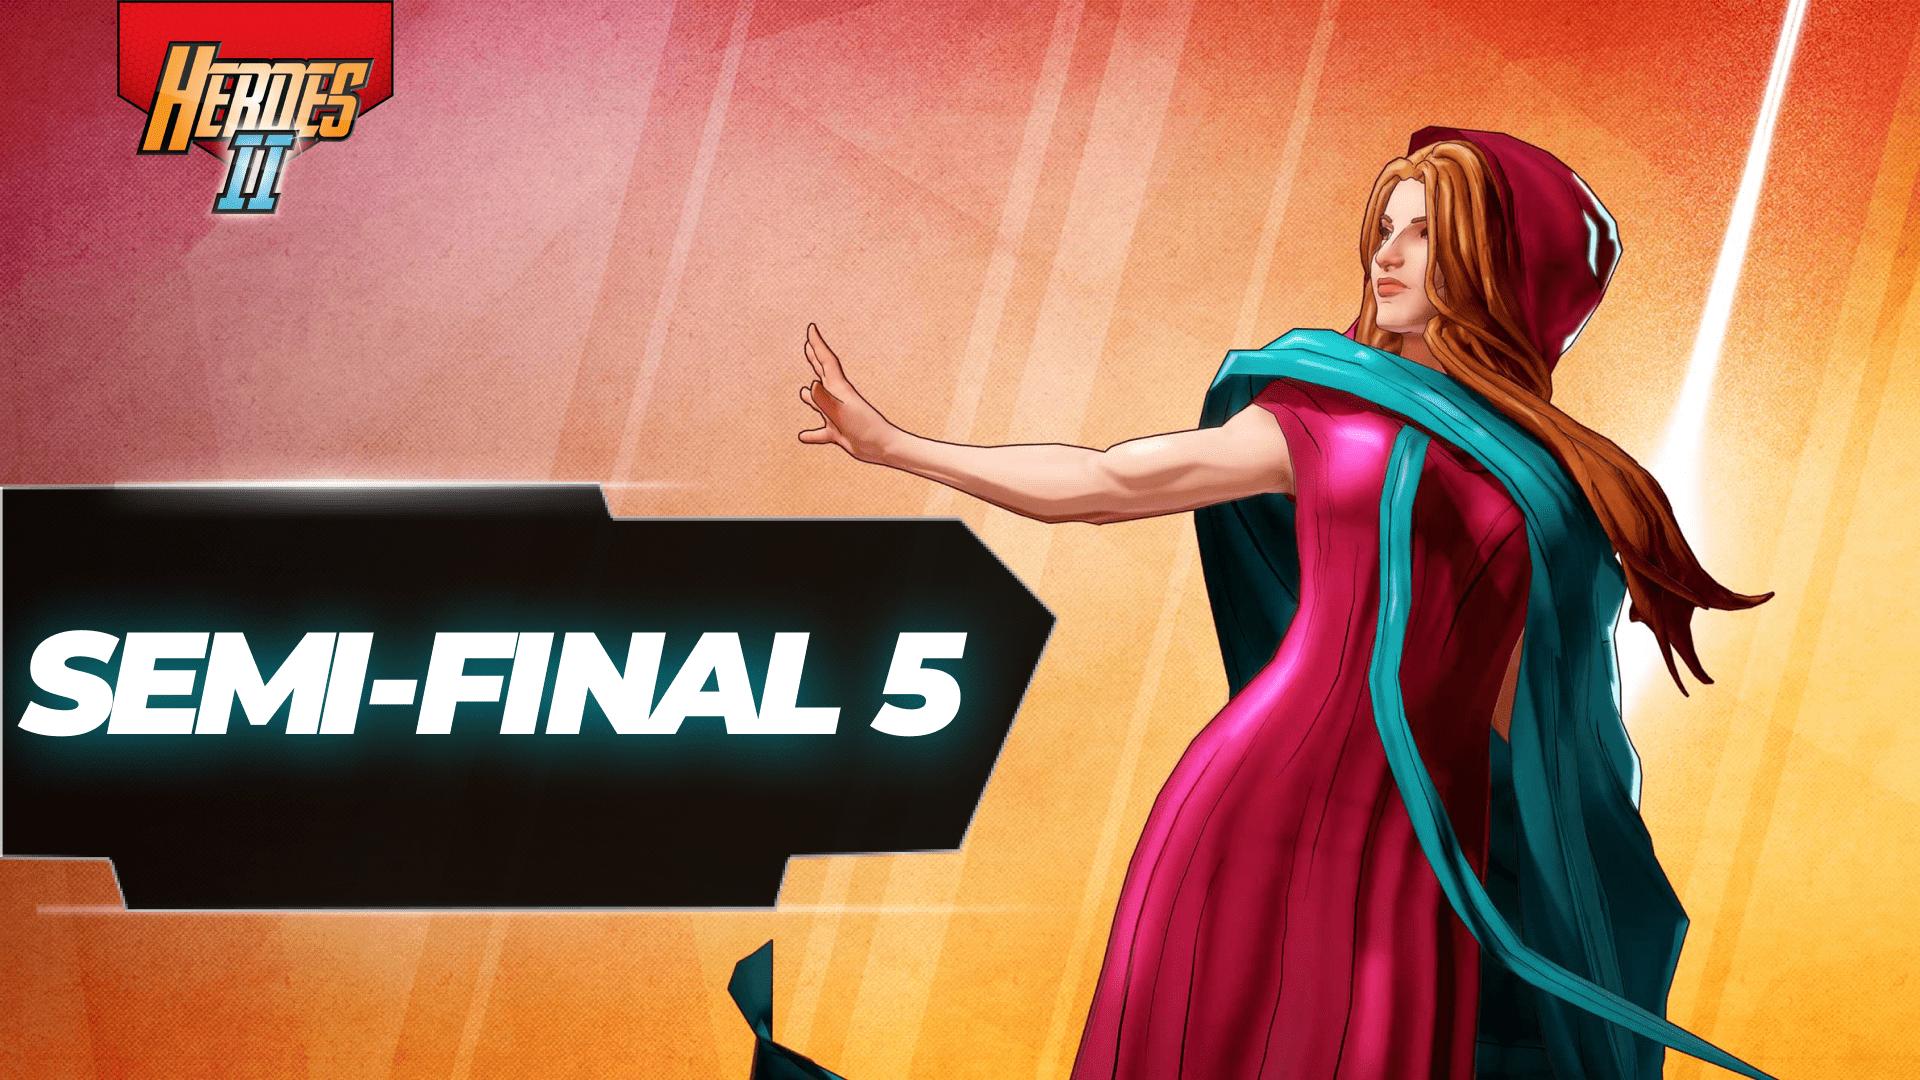 Semi-final 5 banner